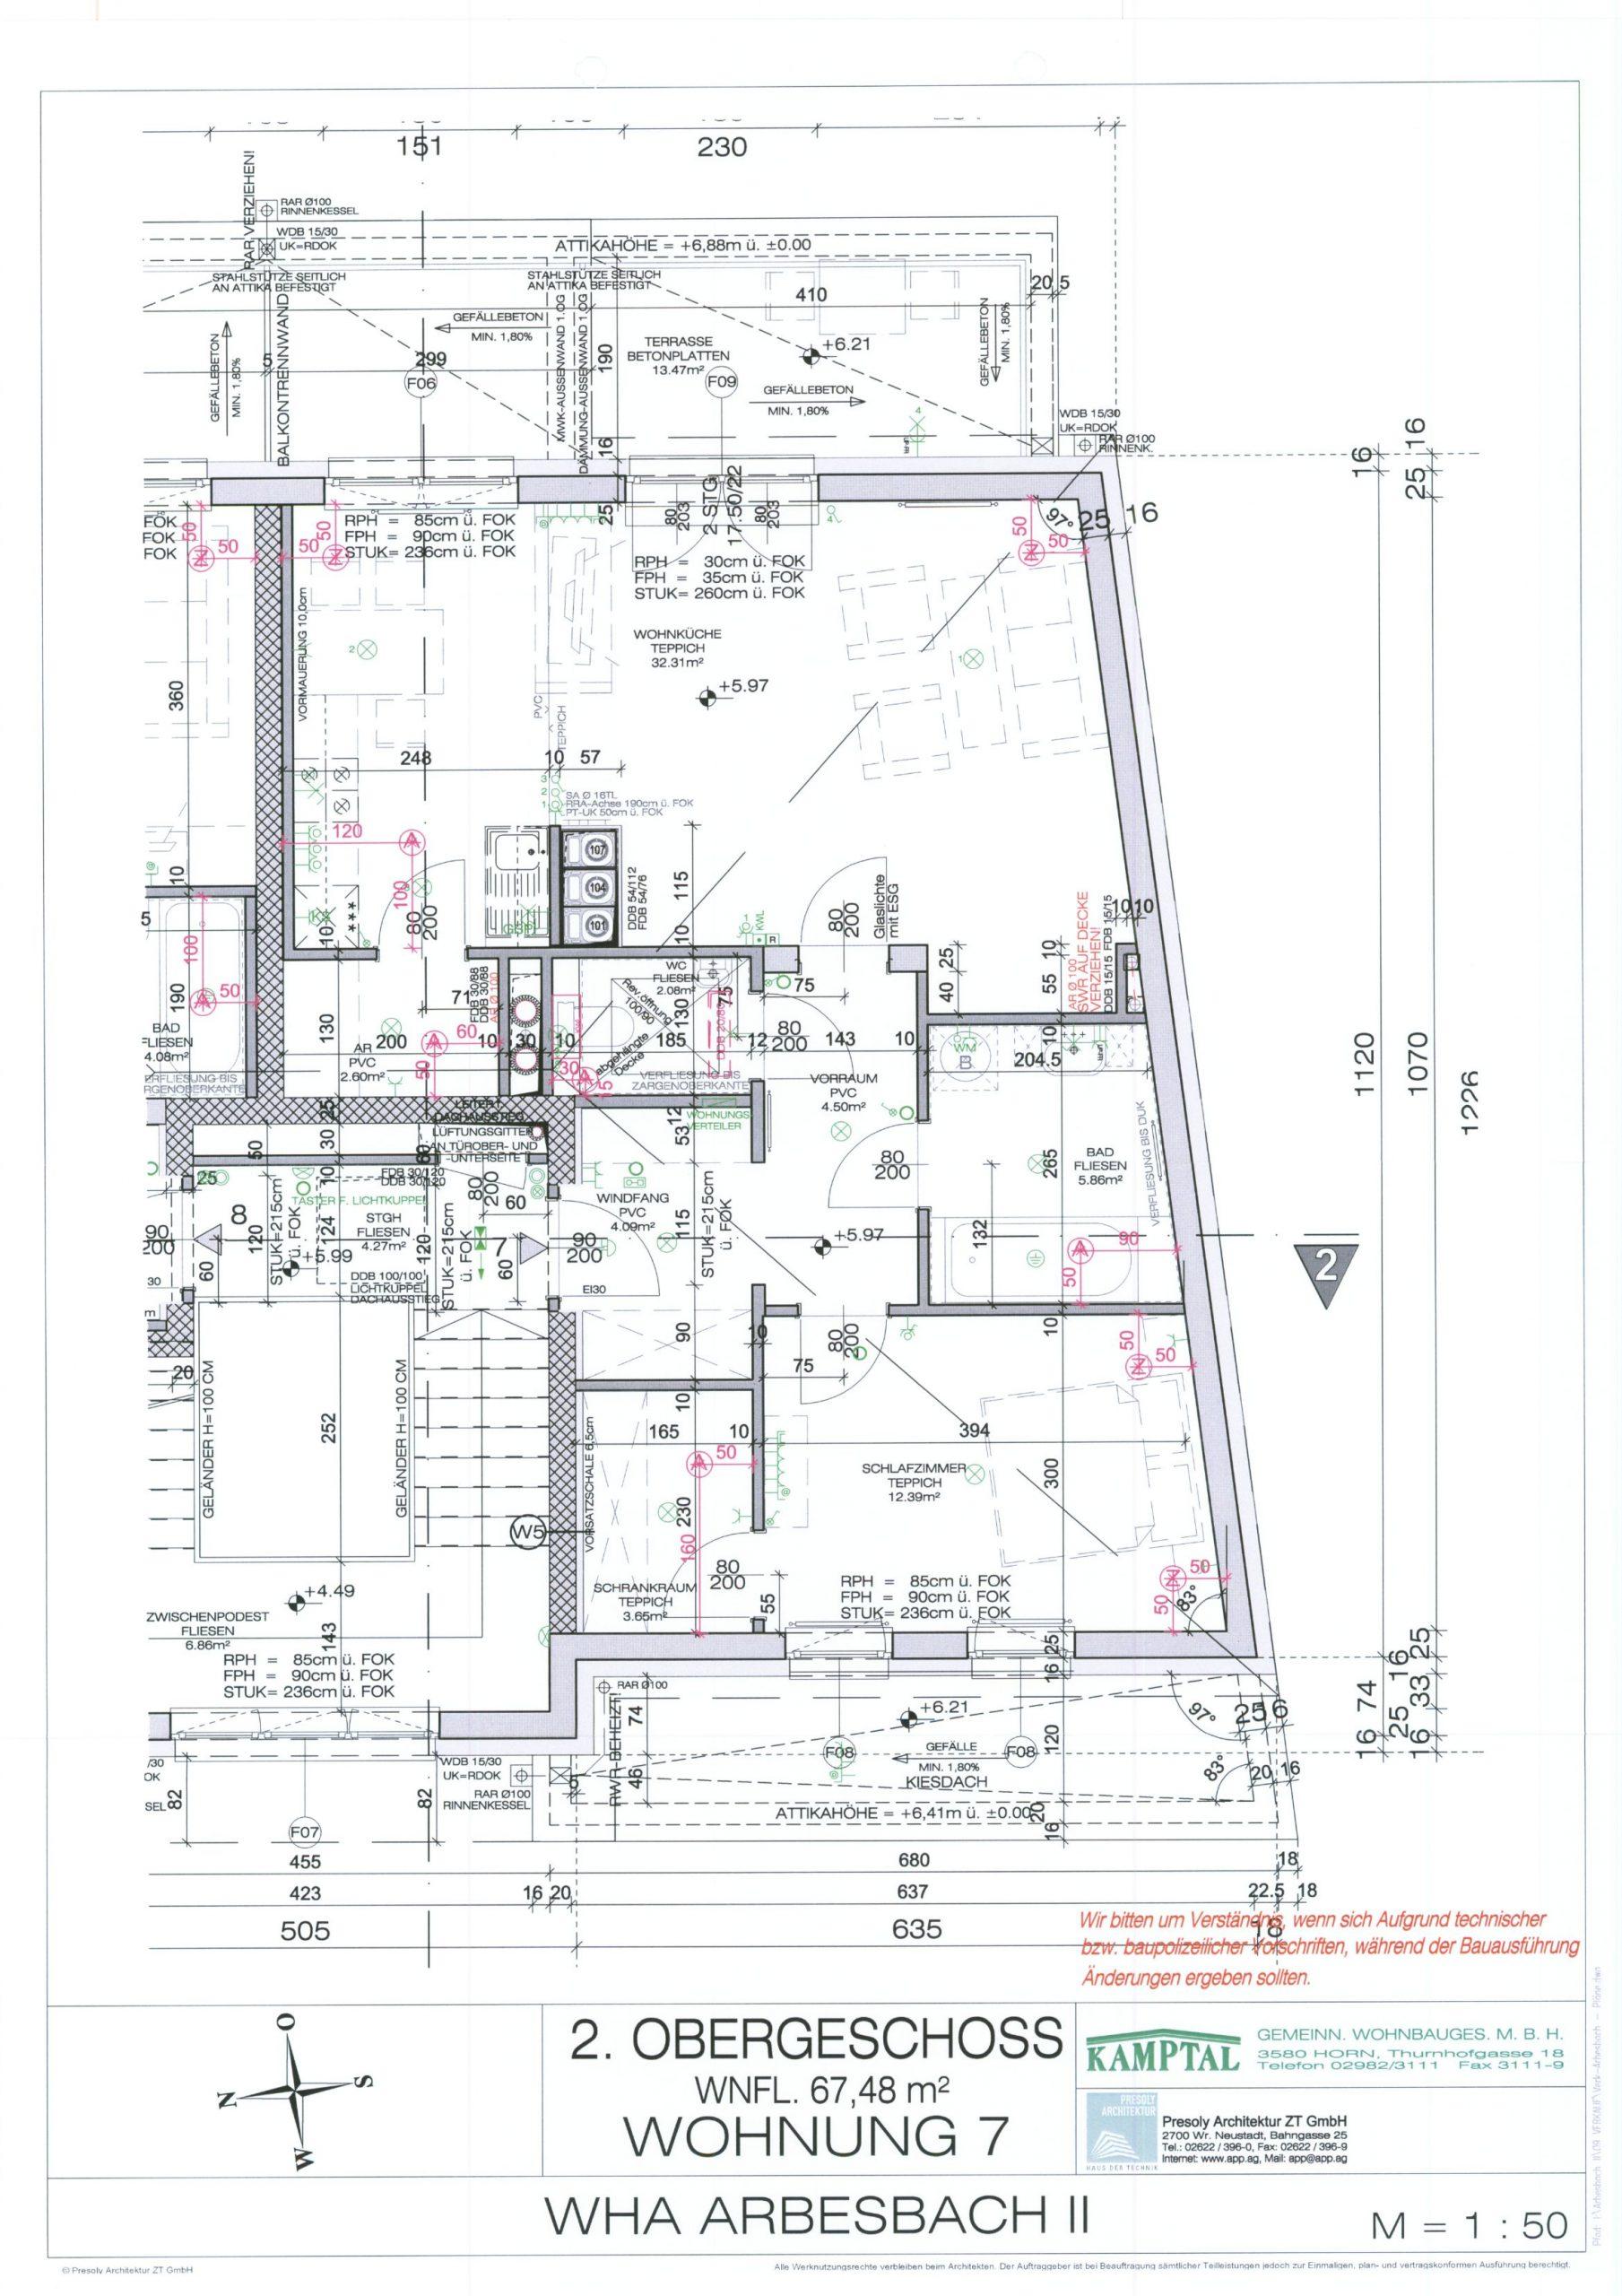 Immobilie von Kamptal in 3925 Arbesbach, Zwettl, Arbesbach II - Top 7 #9